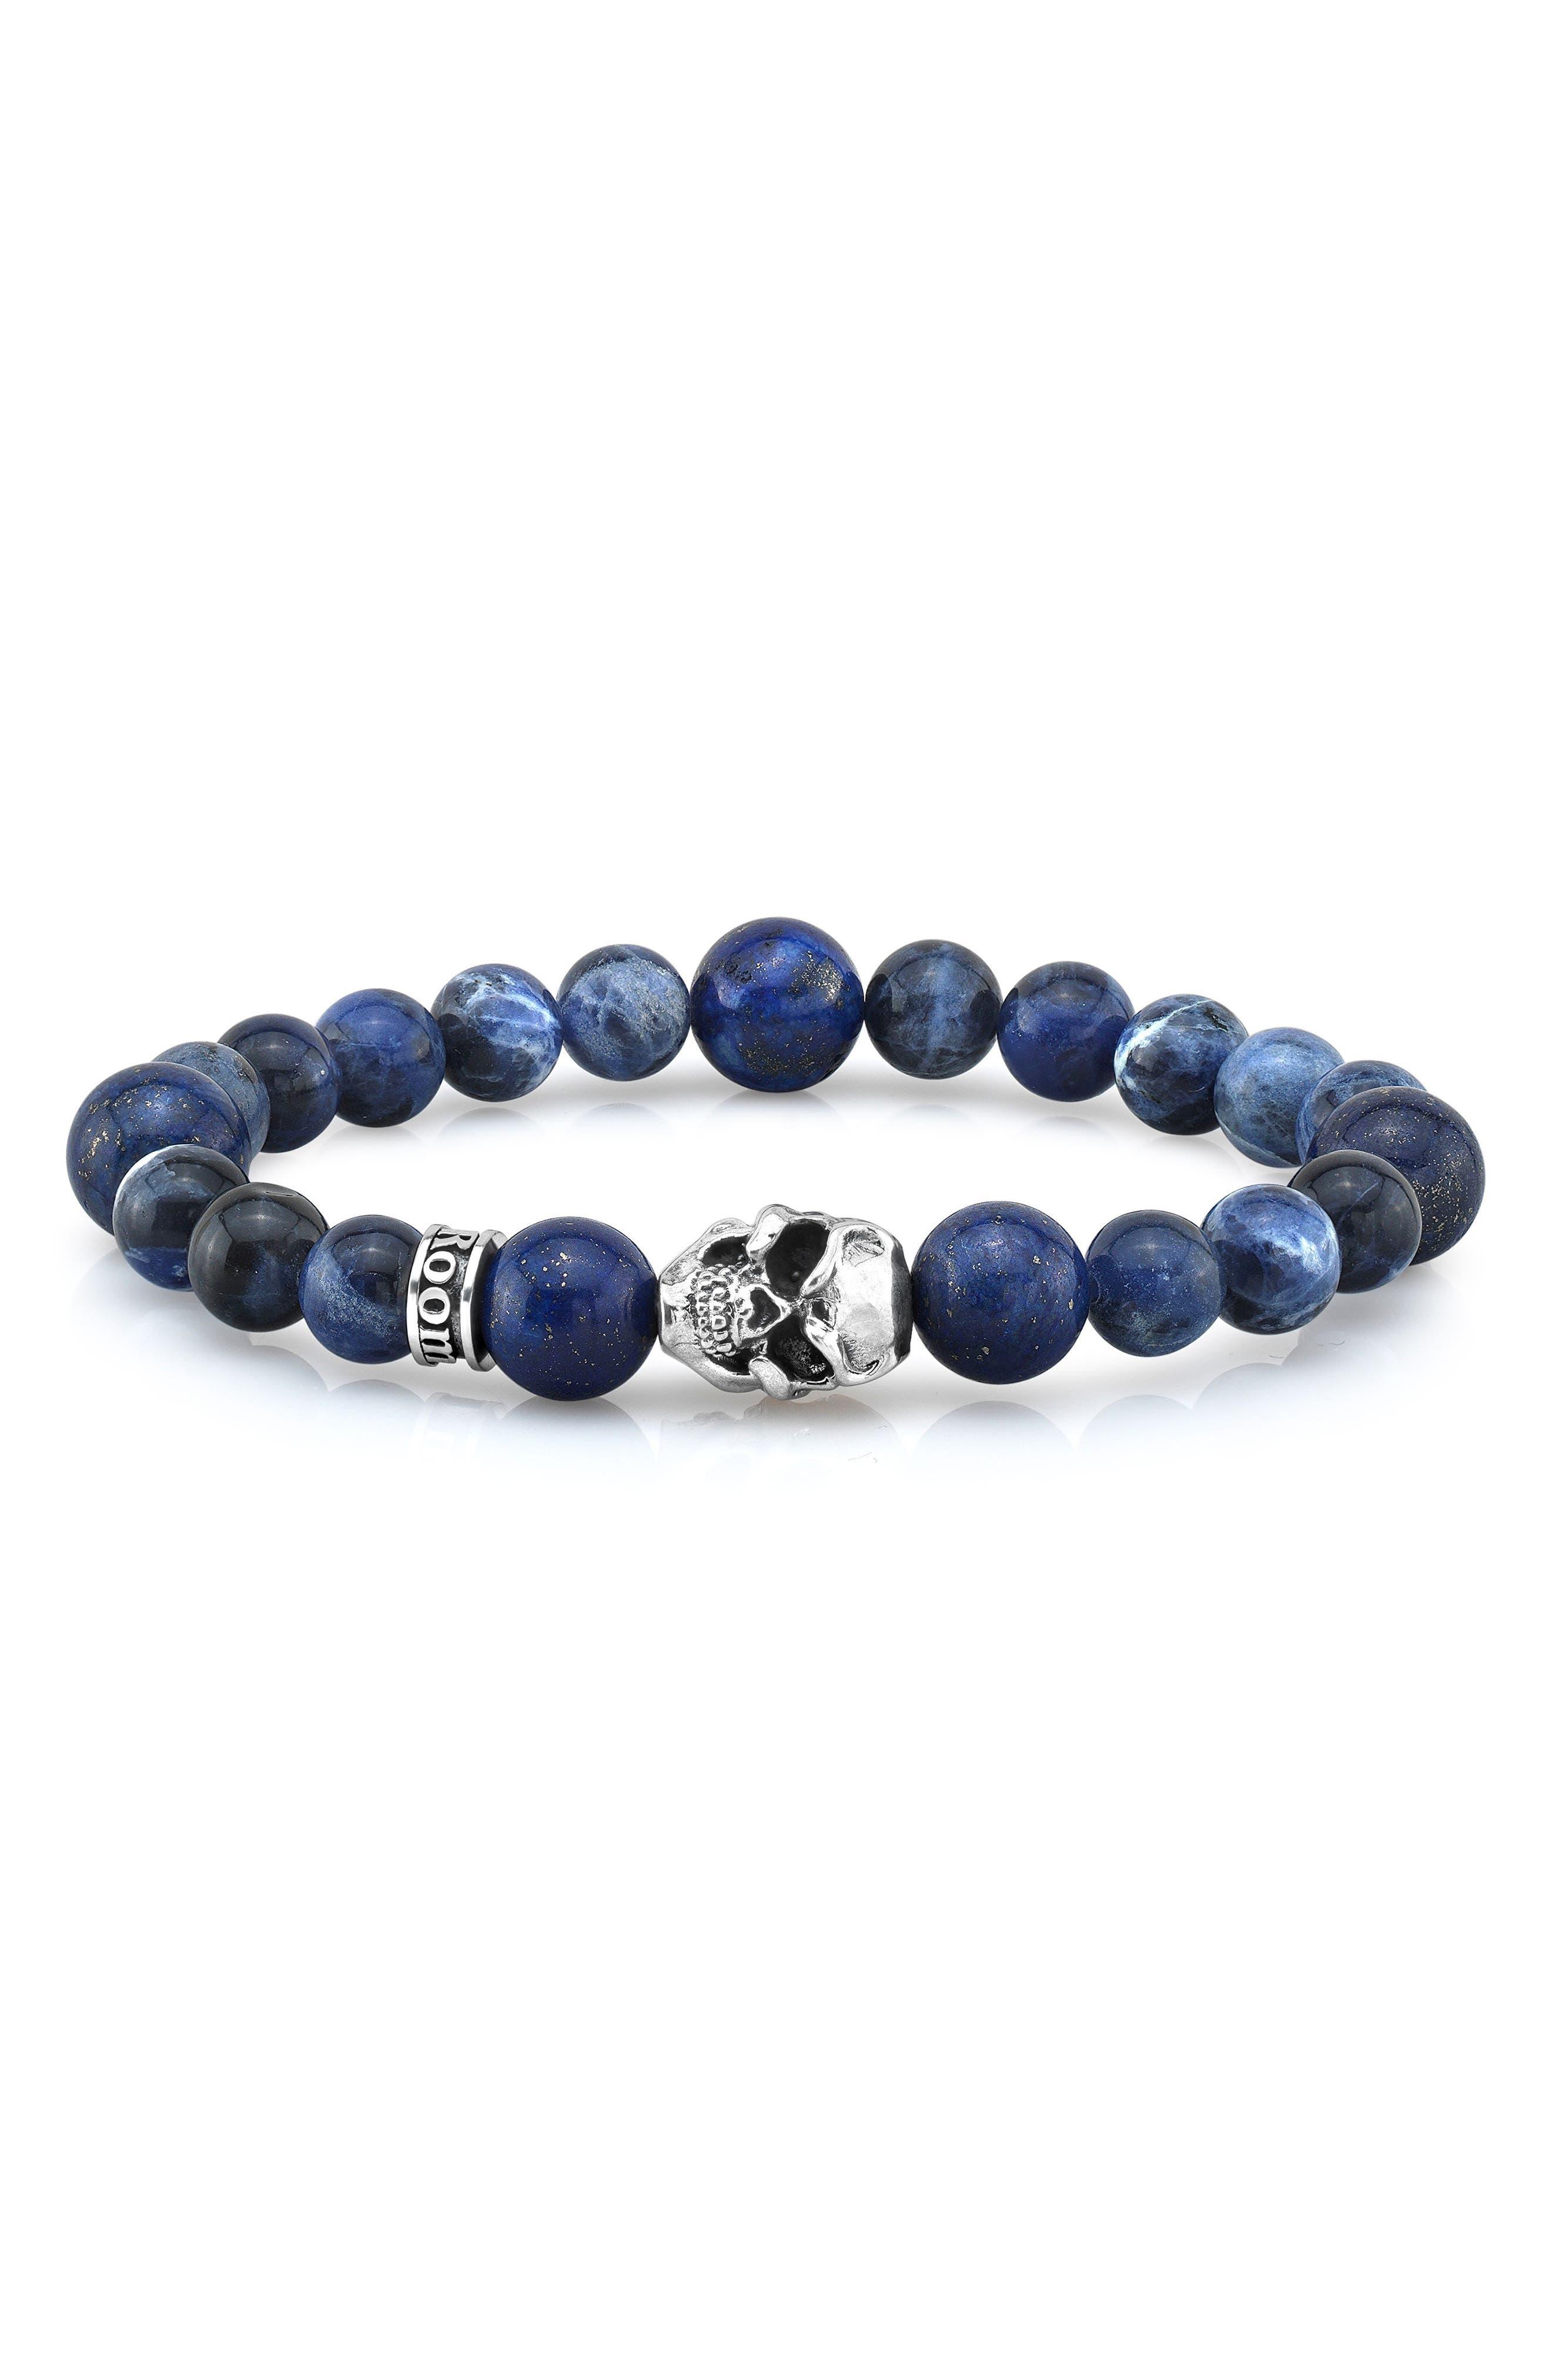 Sodalite & Lapis Lazuli Bead Bracelet,                             Main thumbnail 1, color,                             401